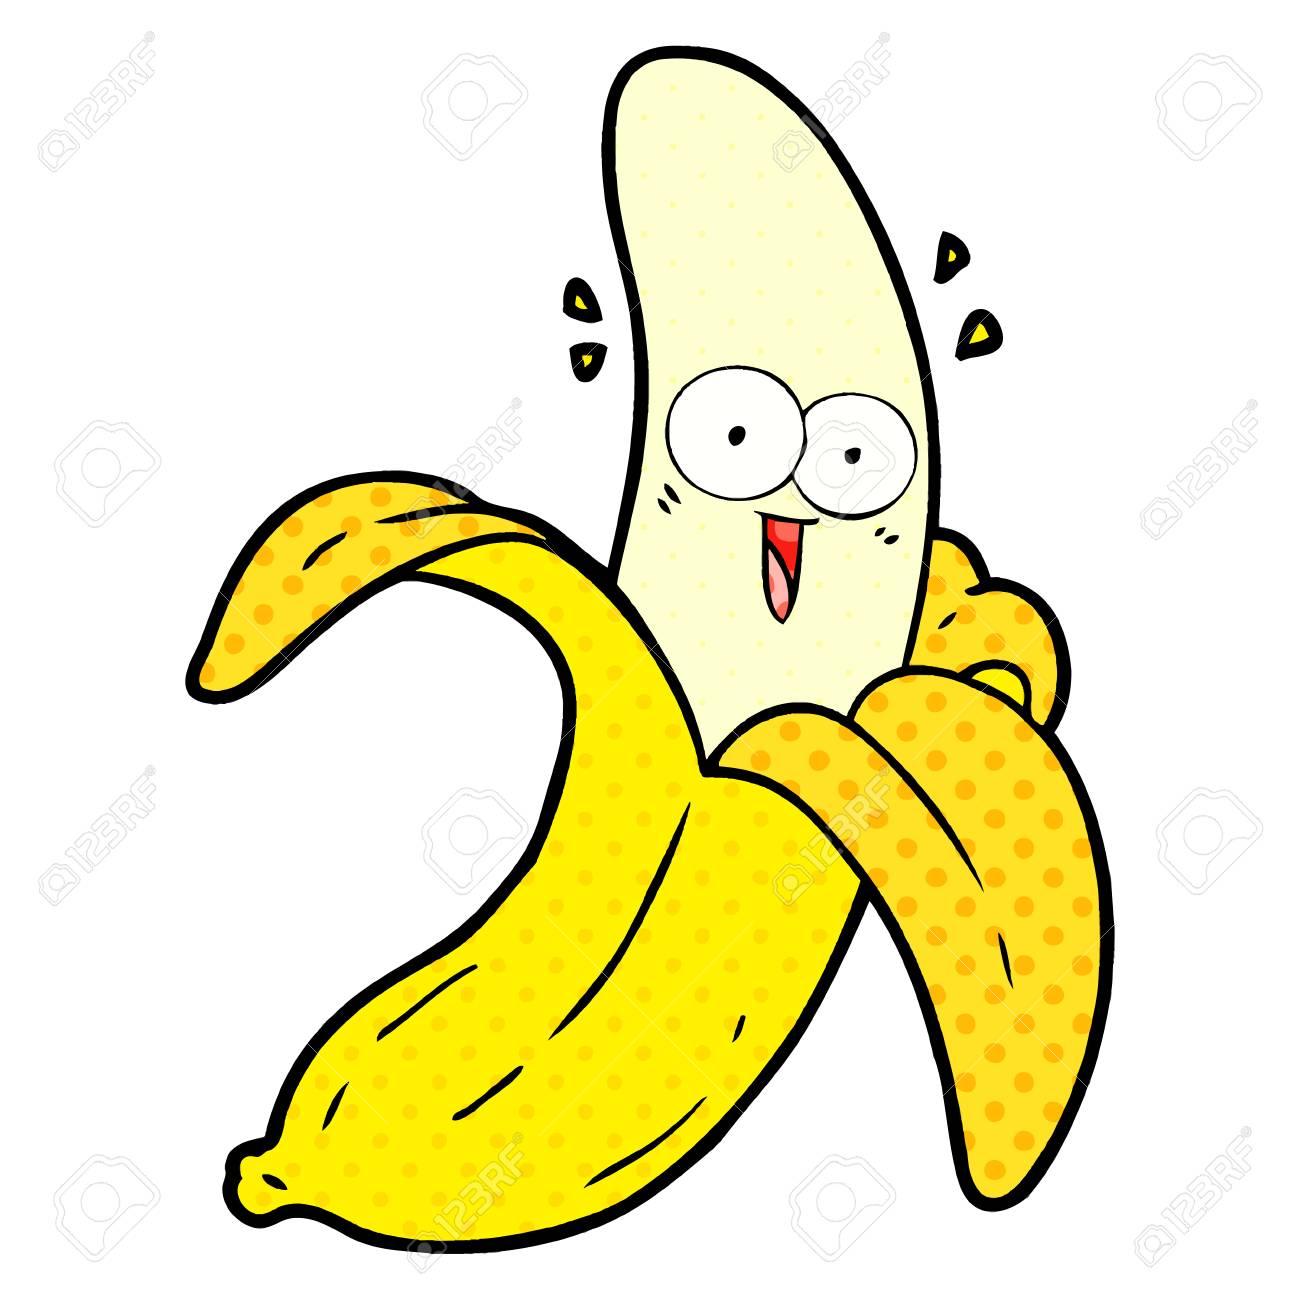 cartoon crazy happy banana - 95633502